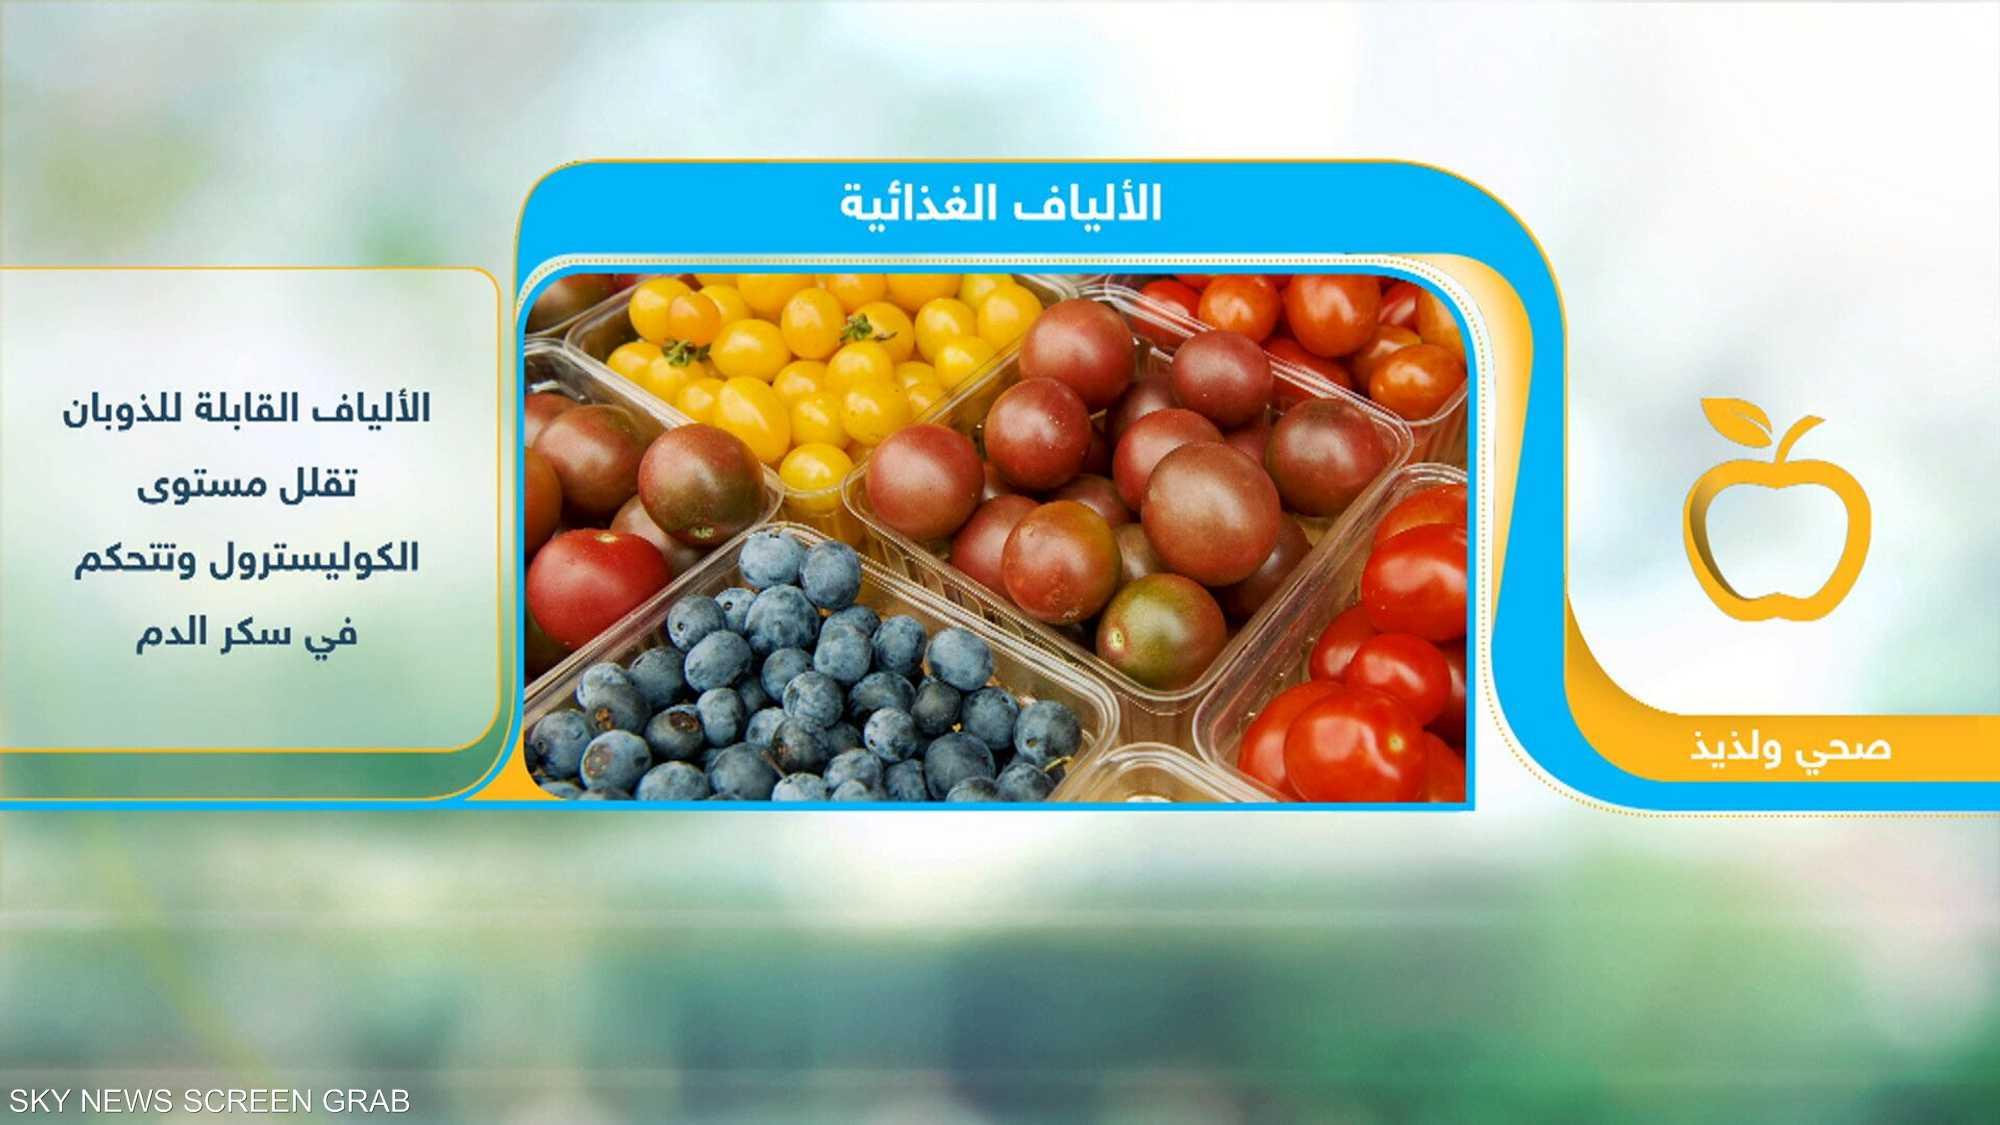 الألياف الغذائية تحسن الصحة وتحمي من الأمراض